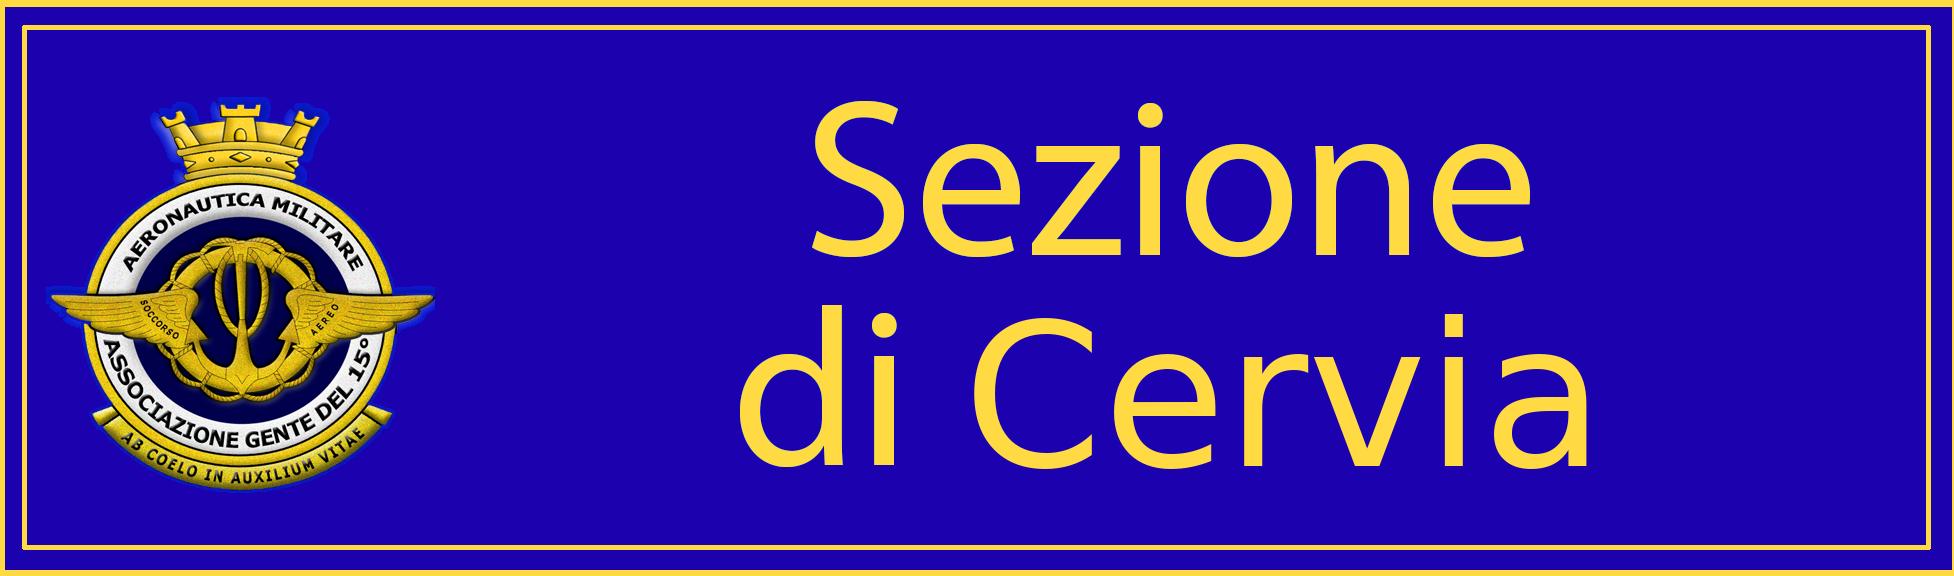 Accedi alla Sezione territoriale di Cervia